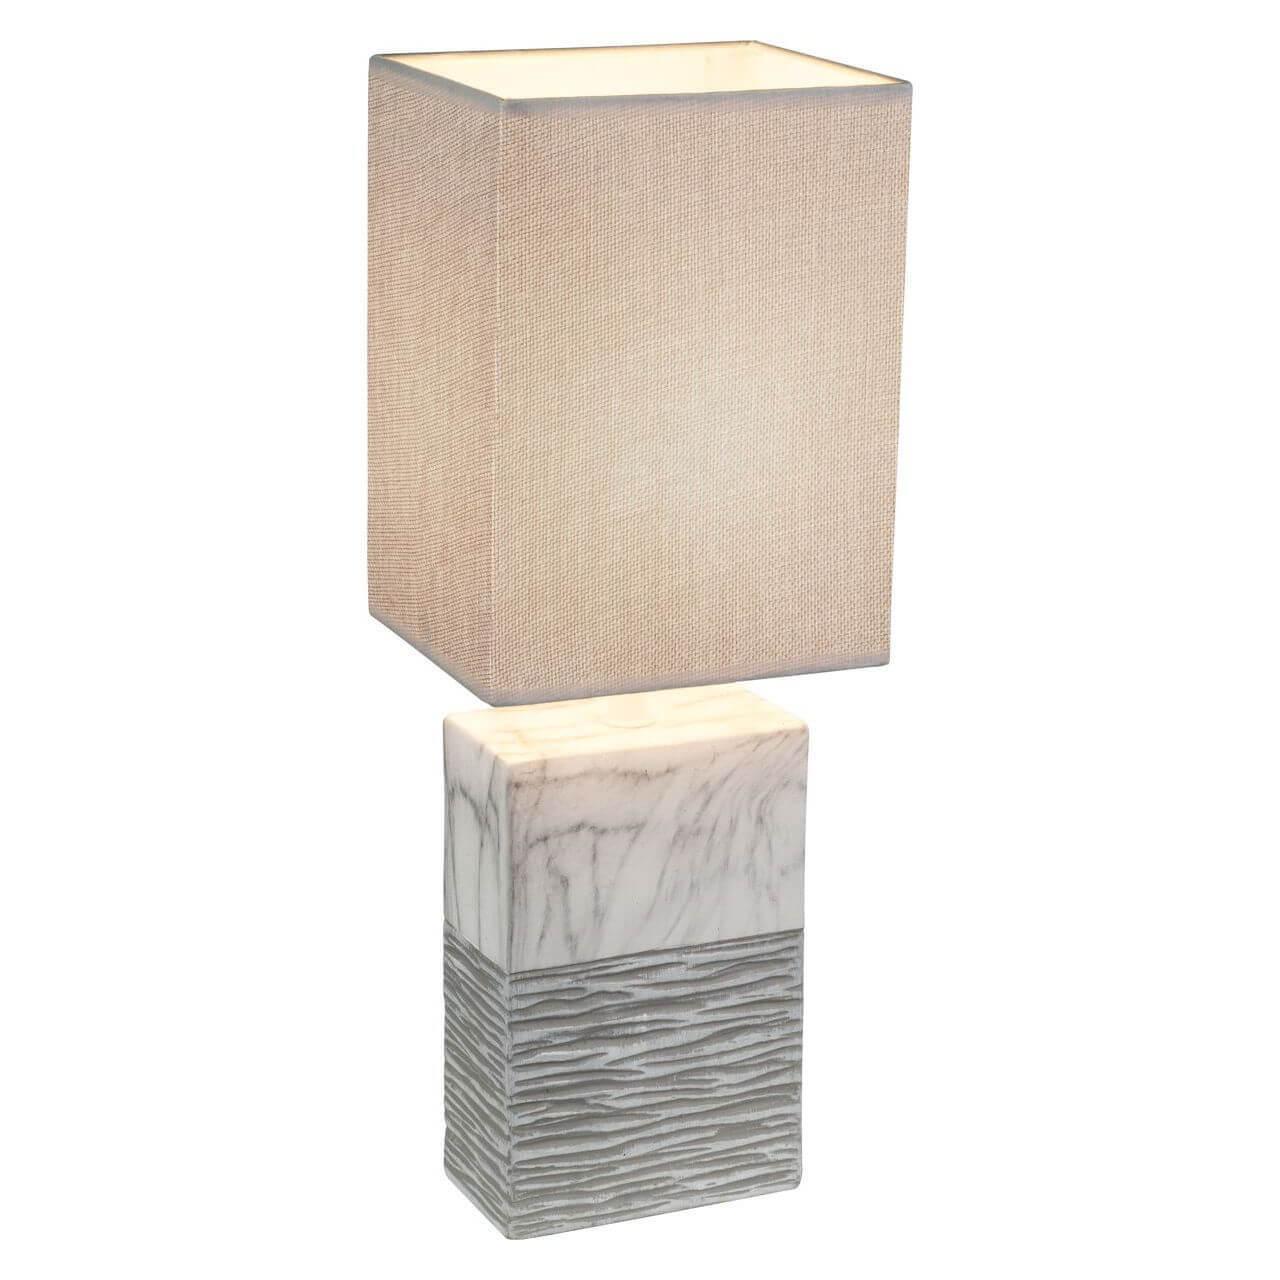 Настольная лампа Globo Jeremy 21643T1 настольная лампа декоративная globo jeremy 21643t